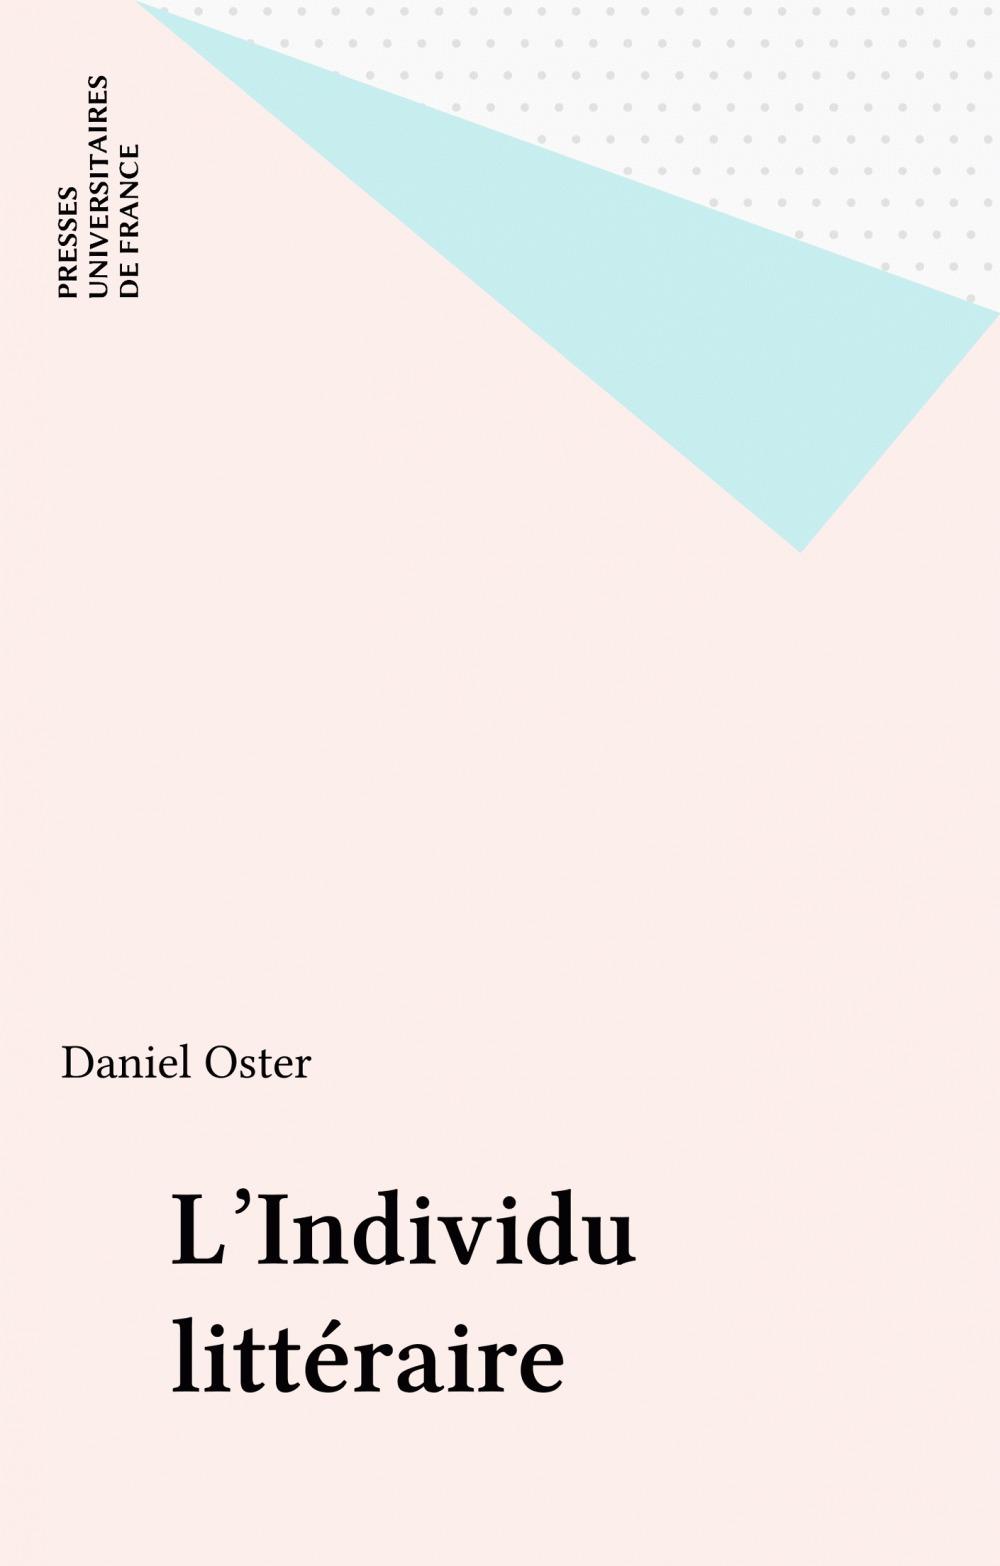 L'individu litteraire  - Daniel Oster